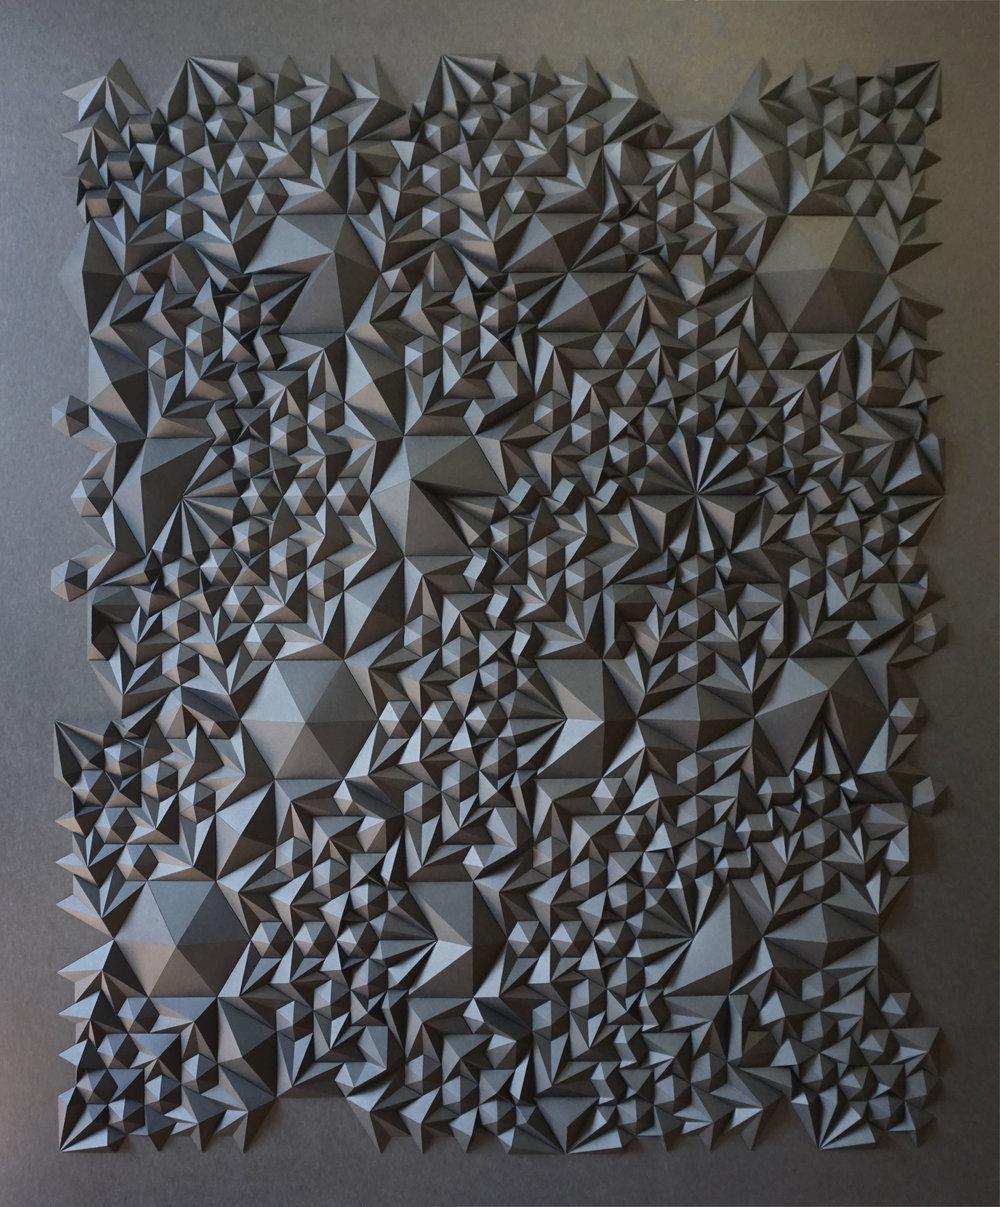 """Ara 178,  Cut and Folded Paper, 48""""H x 40""""W x 3.25""""D"""